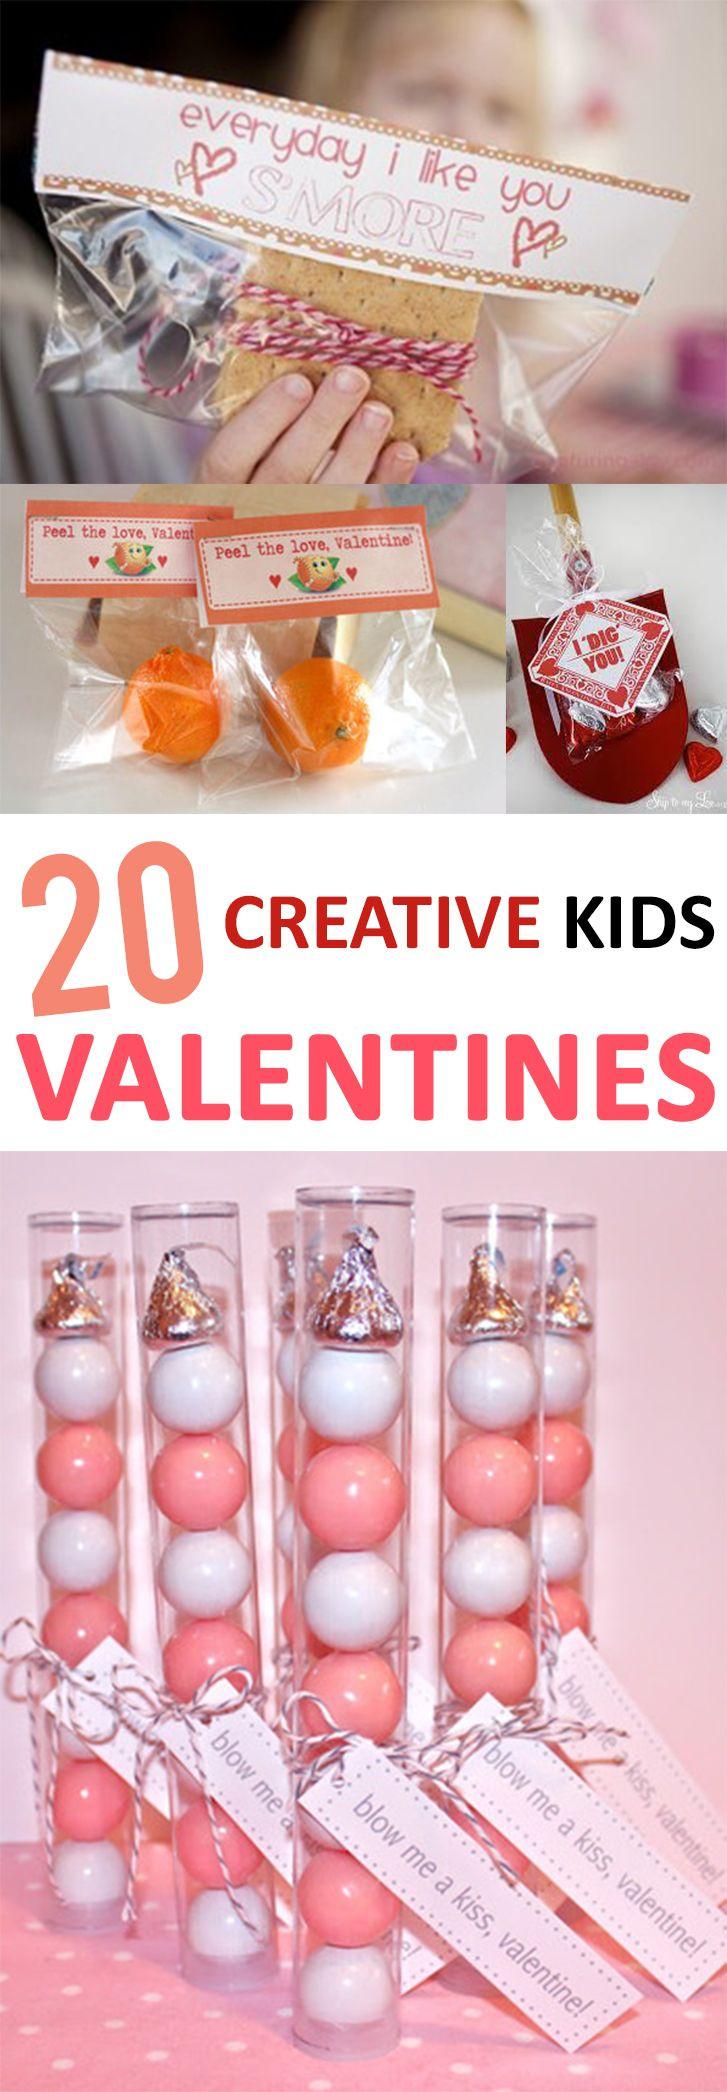 Valentine'S Day Gift Ideas For Girlfriend  Best 25 Unique valentines day ideas ideas on Pinterest